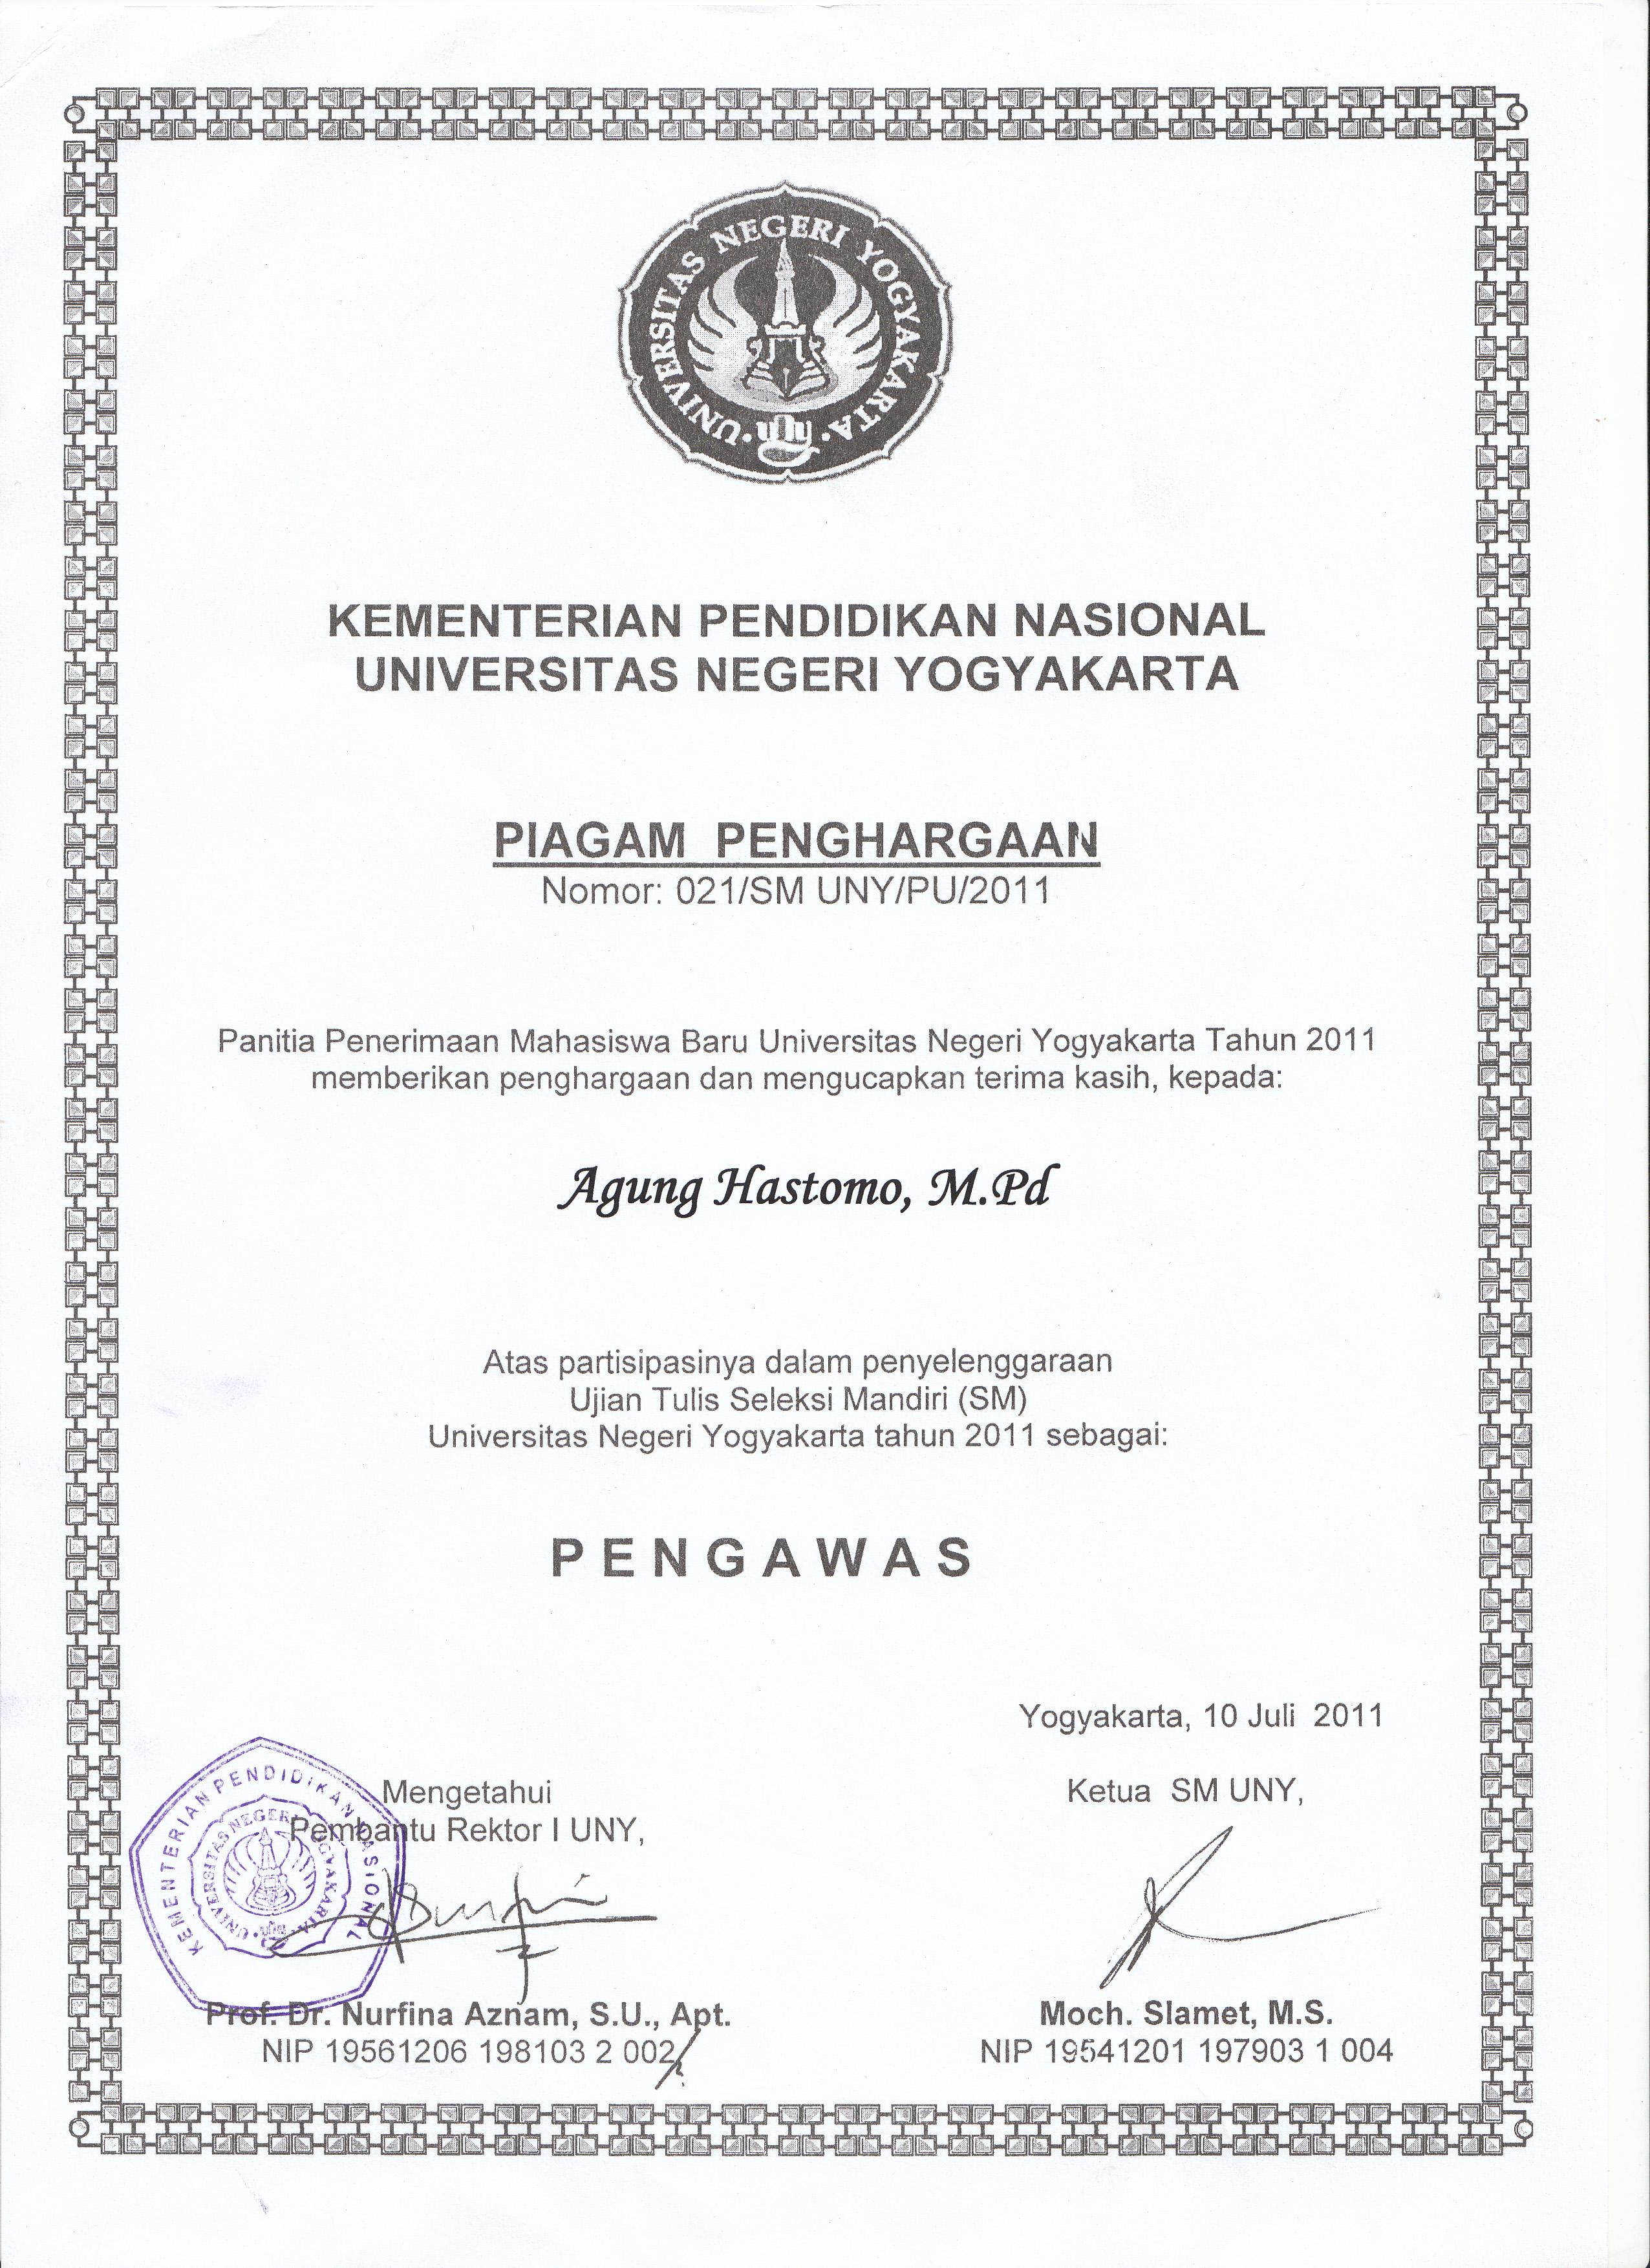 ... , Border piagam vector sertifikat piagam download contoh sertifikat